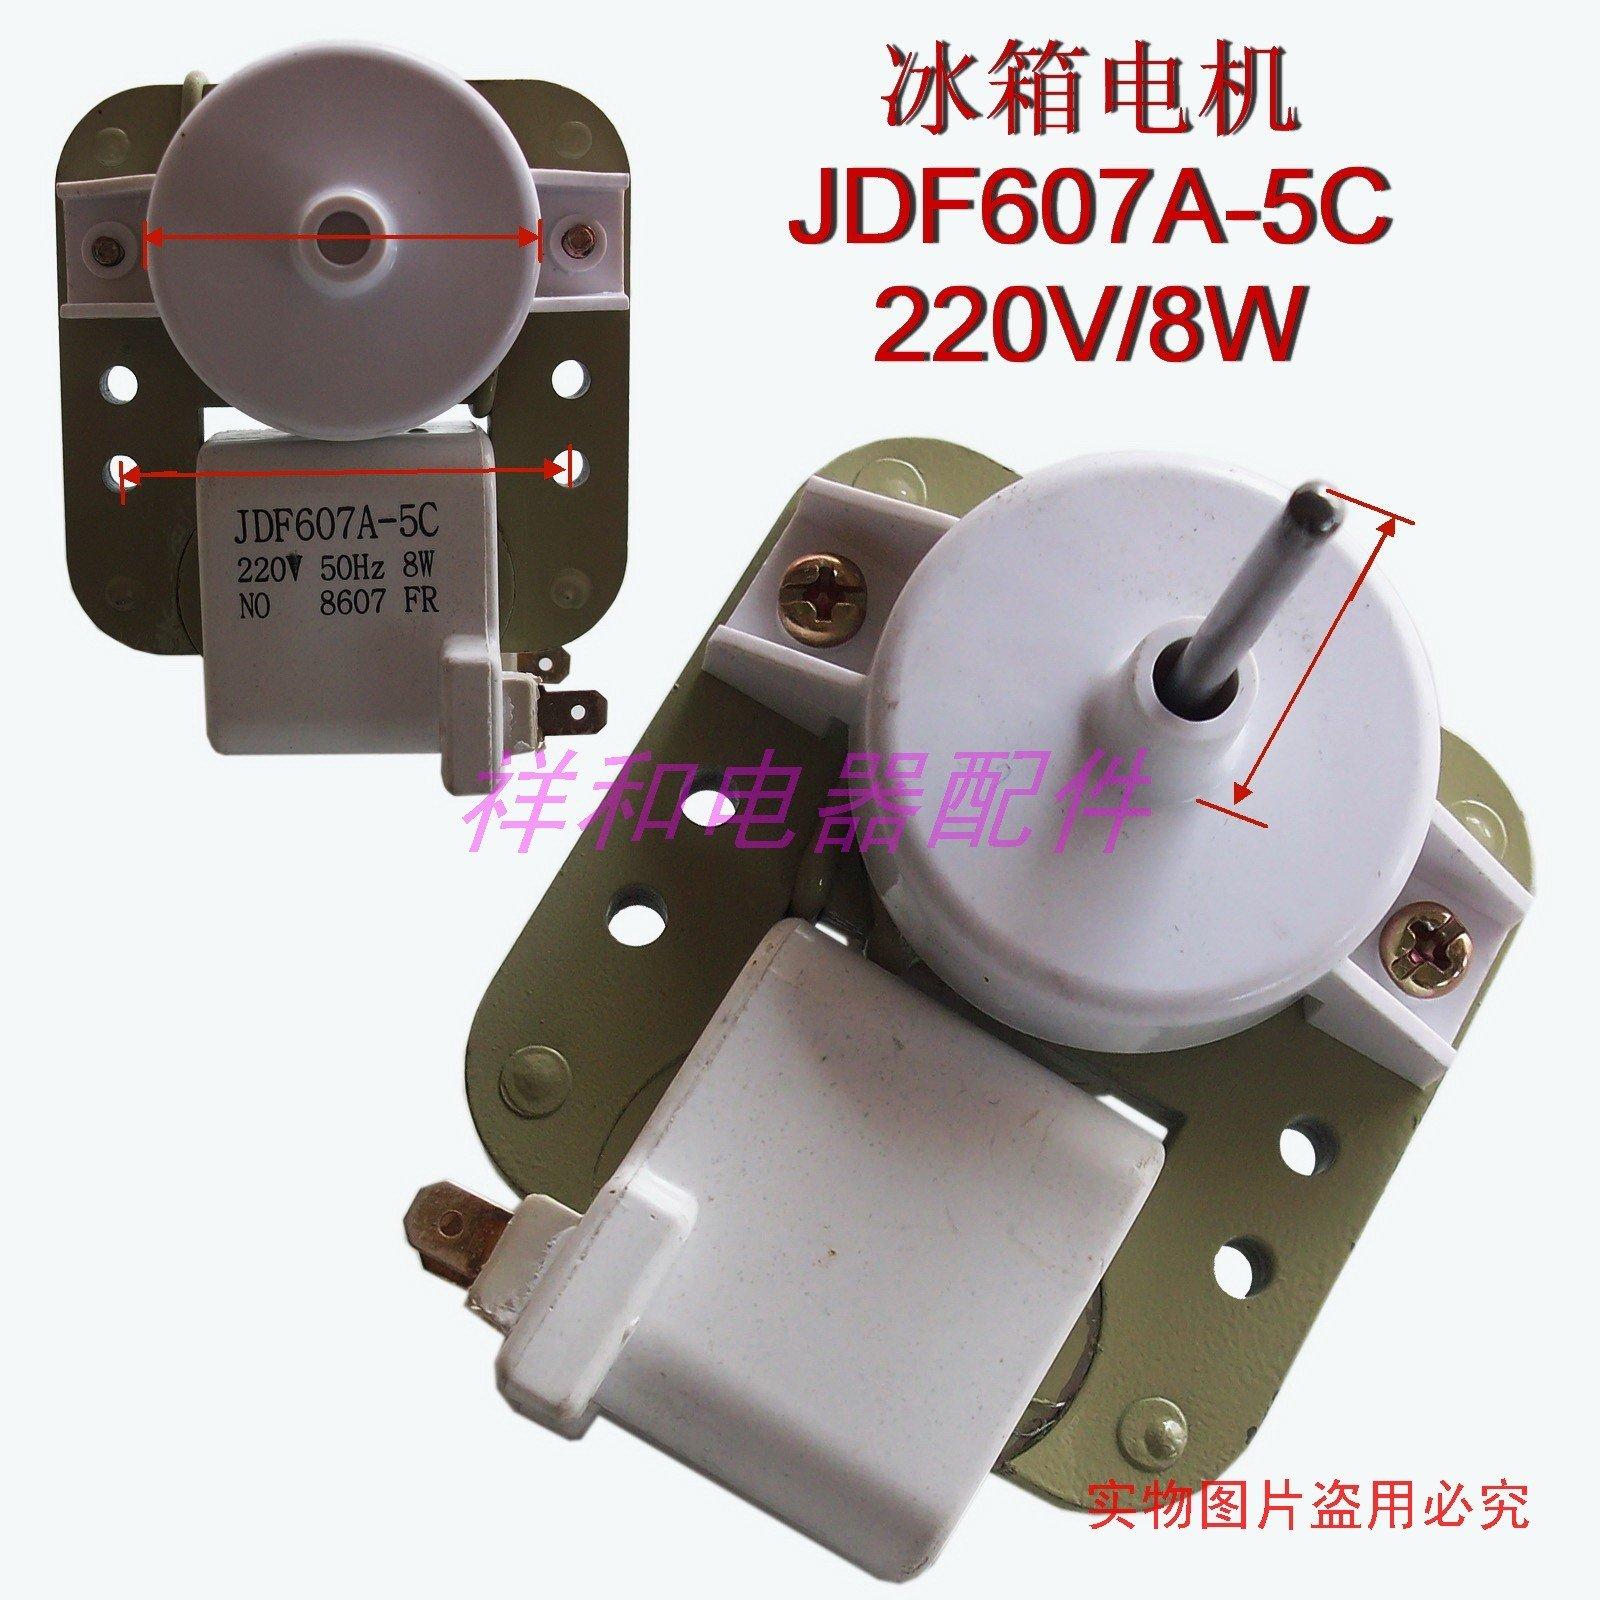 Refrigerator parts super thin refrigerator fan motor refrigerator cooling motor JDF607A-5C